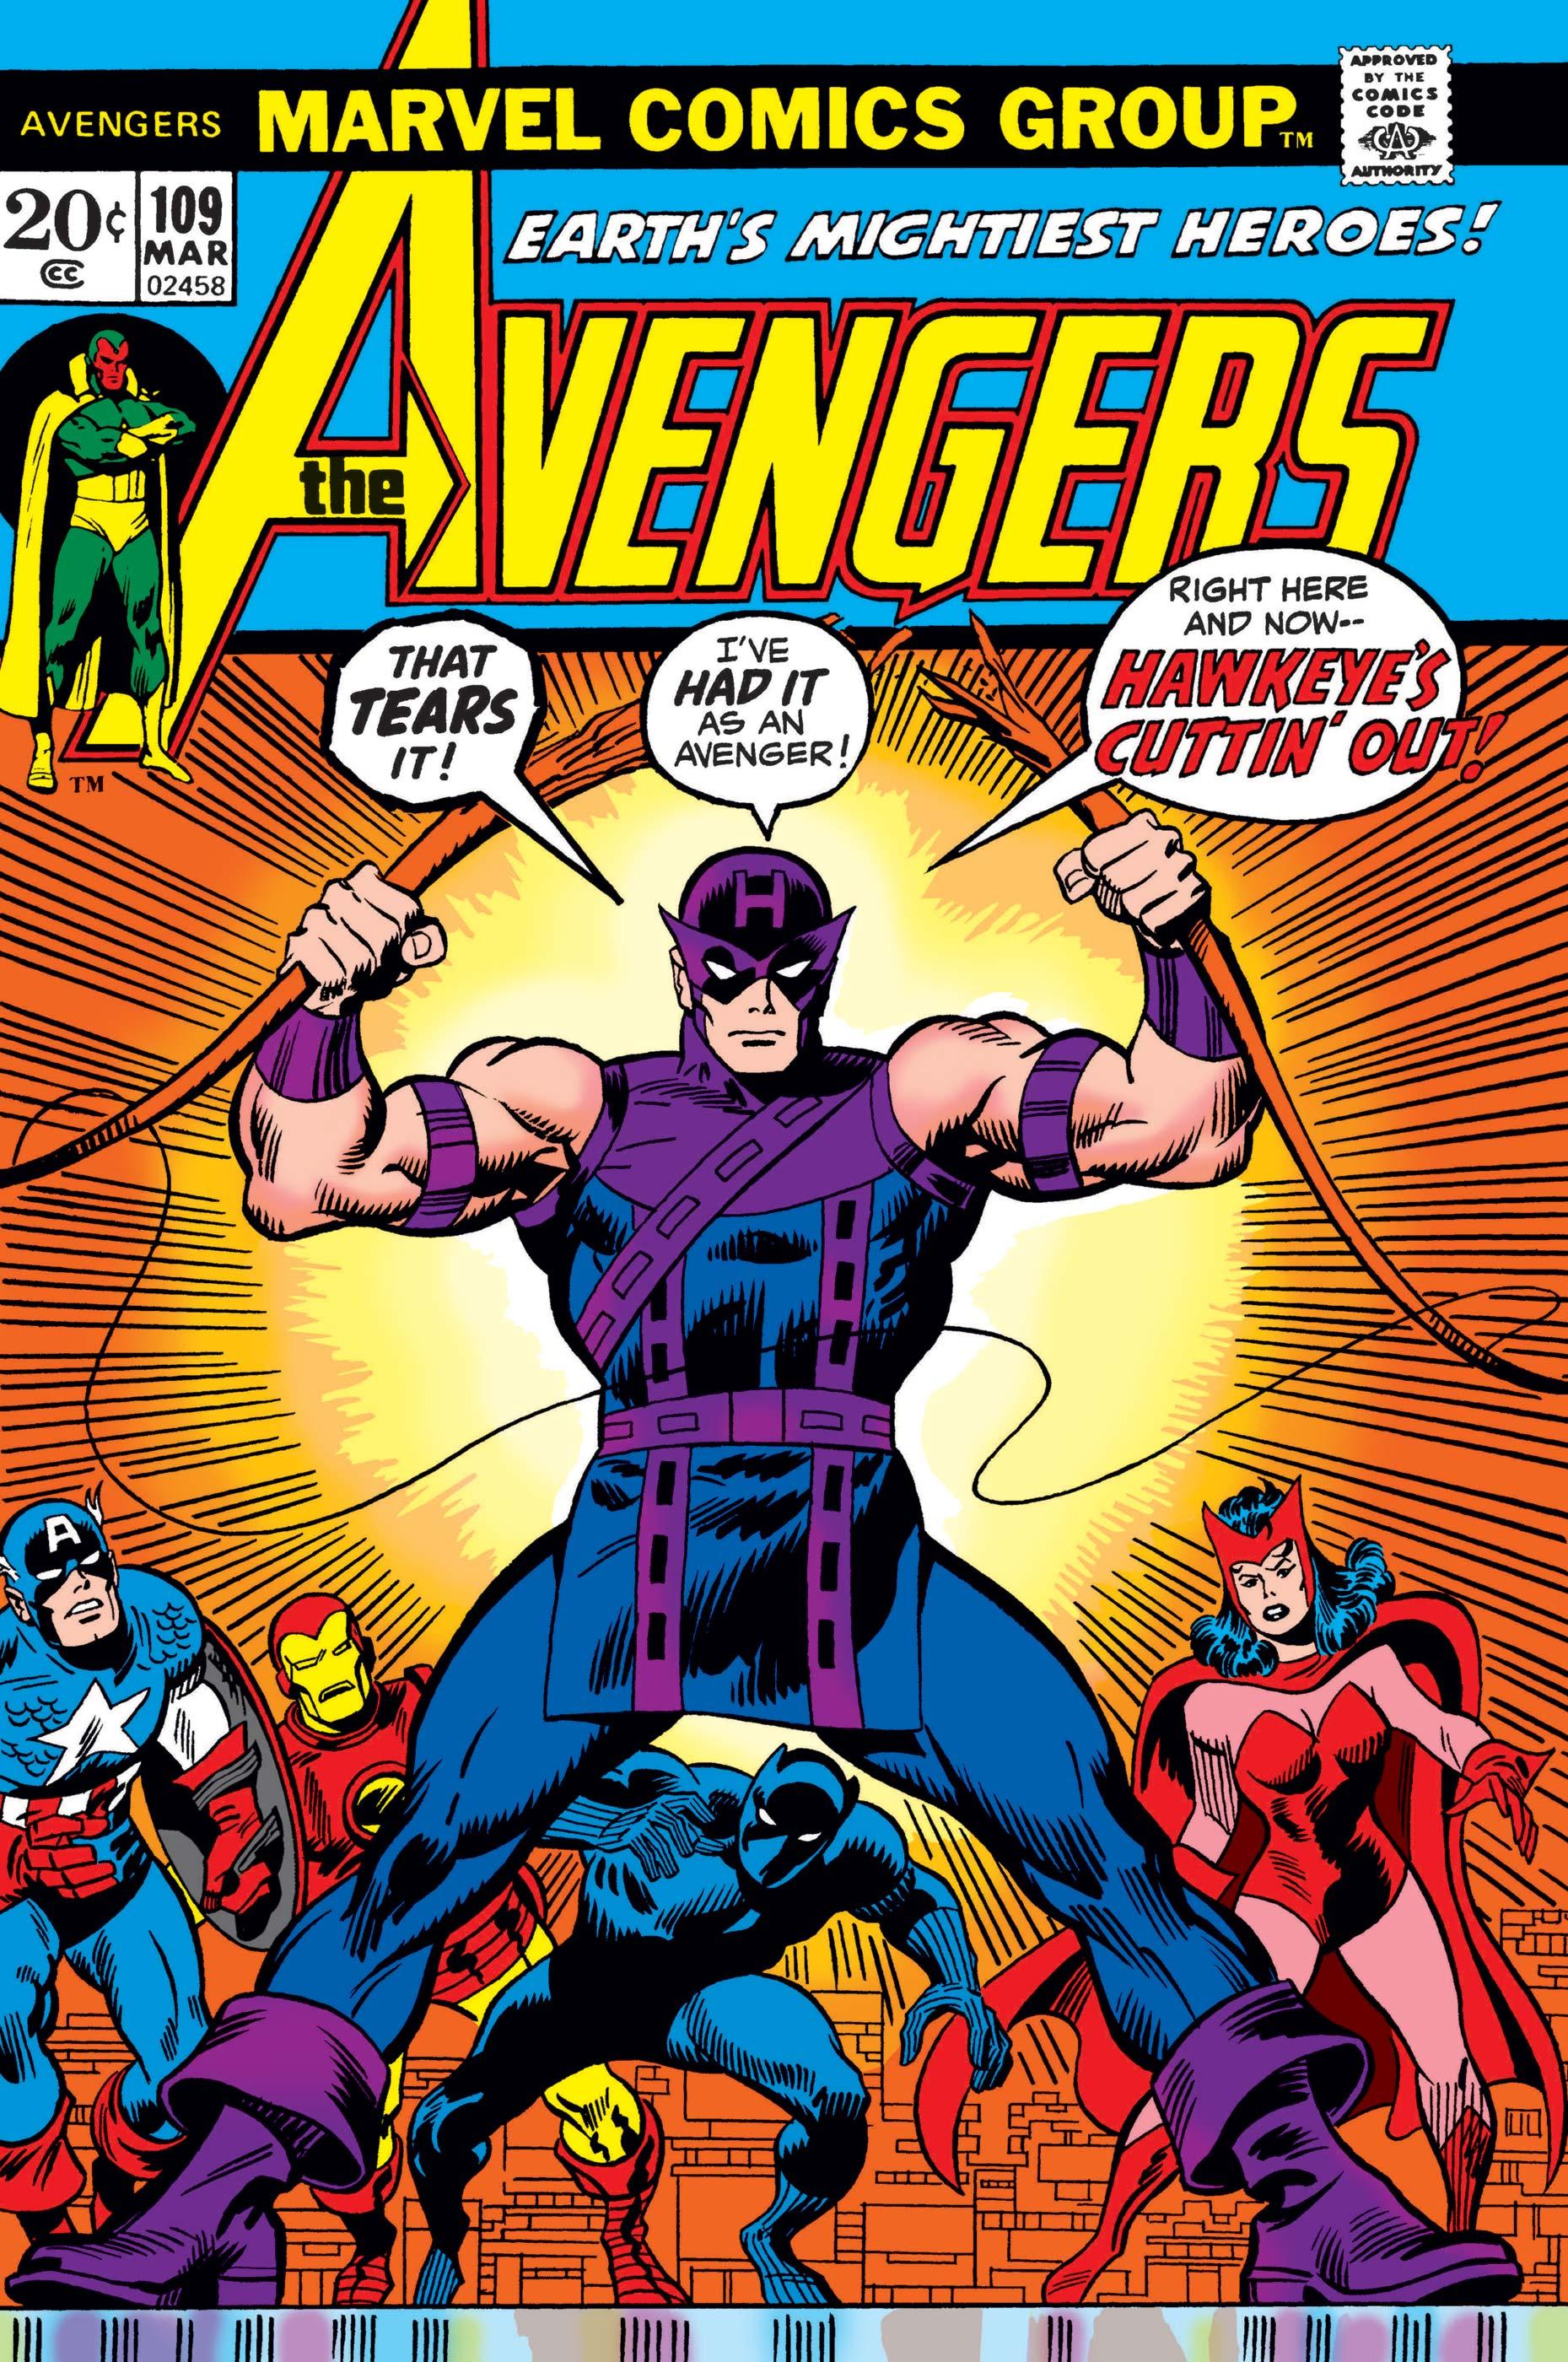 Avengers (1963) #109